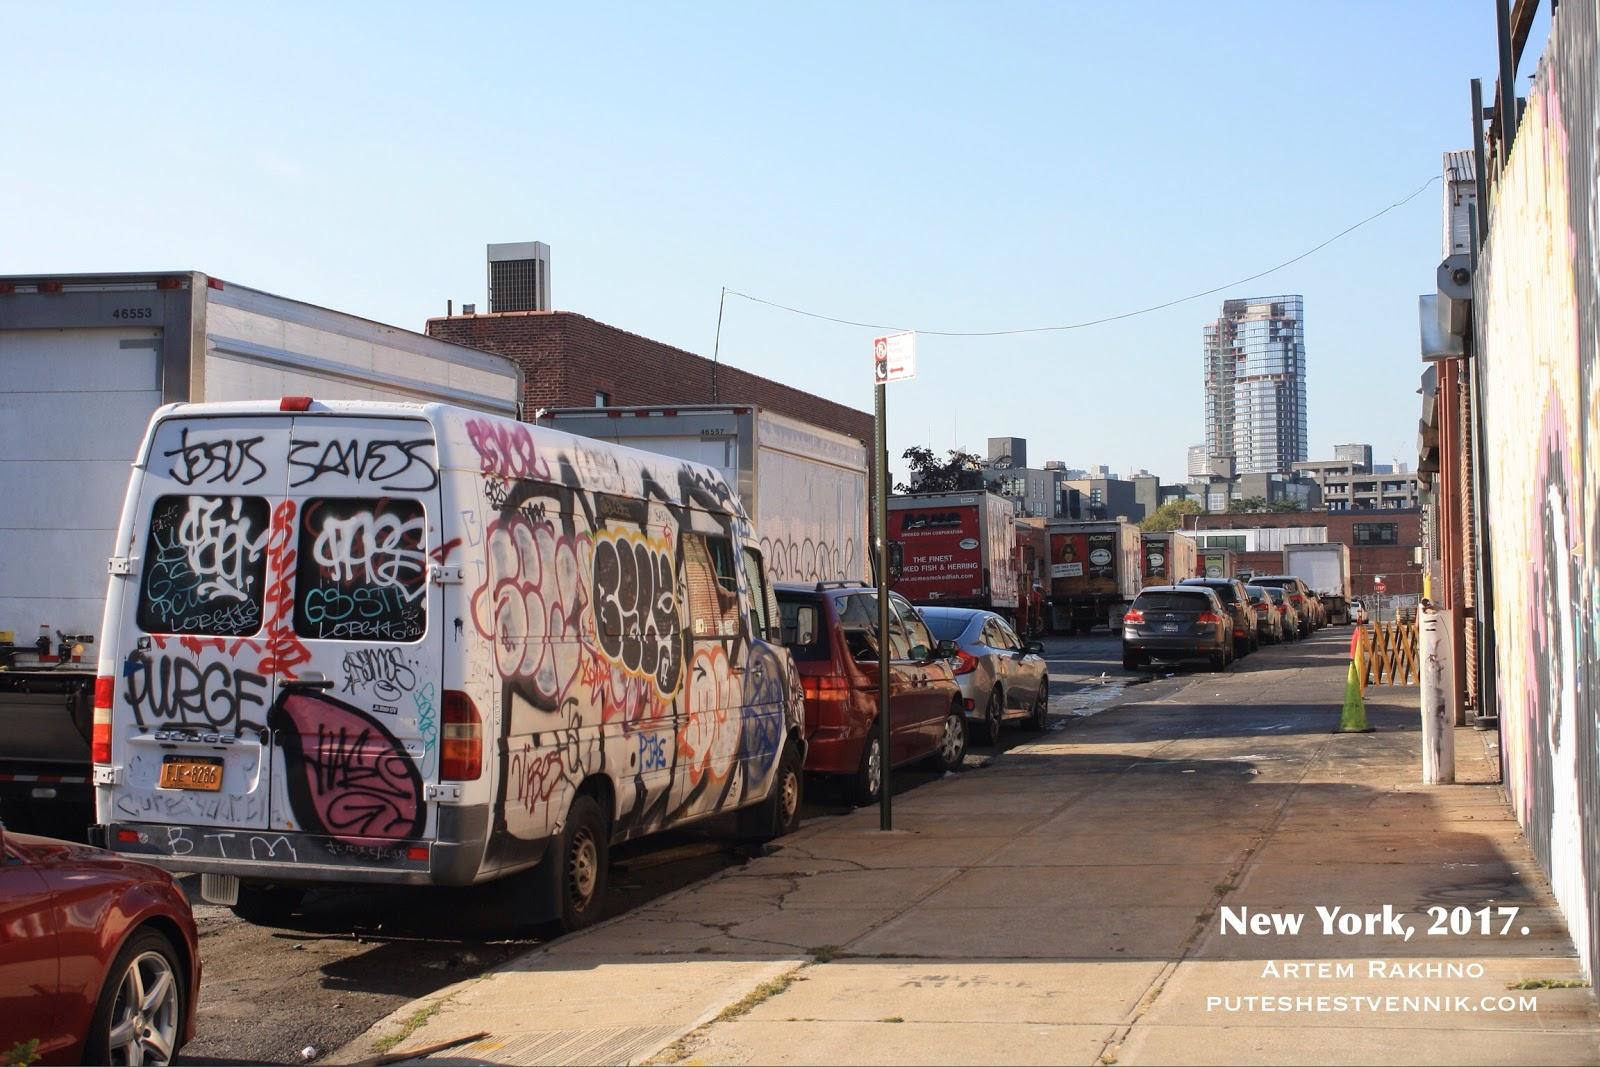 Граффити на фургоне в Нью-Йорке